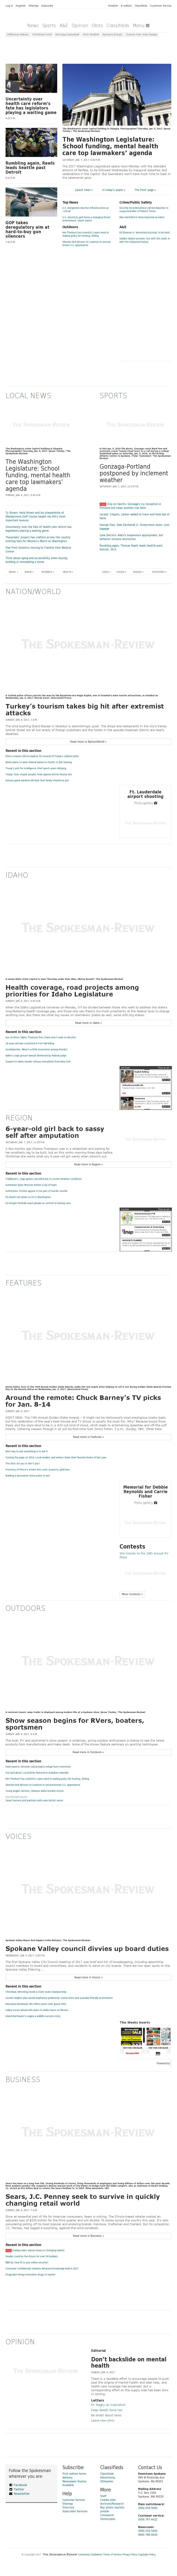 The (Spokane) Spokesman-Review at Sunday Jan. 8, 2017, 6:28 p.m. UTC